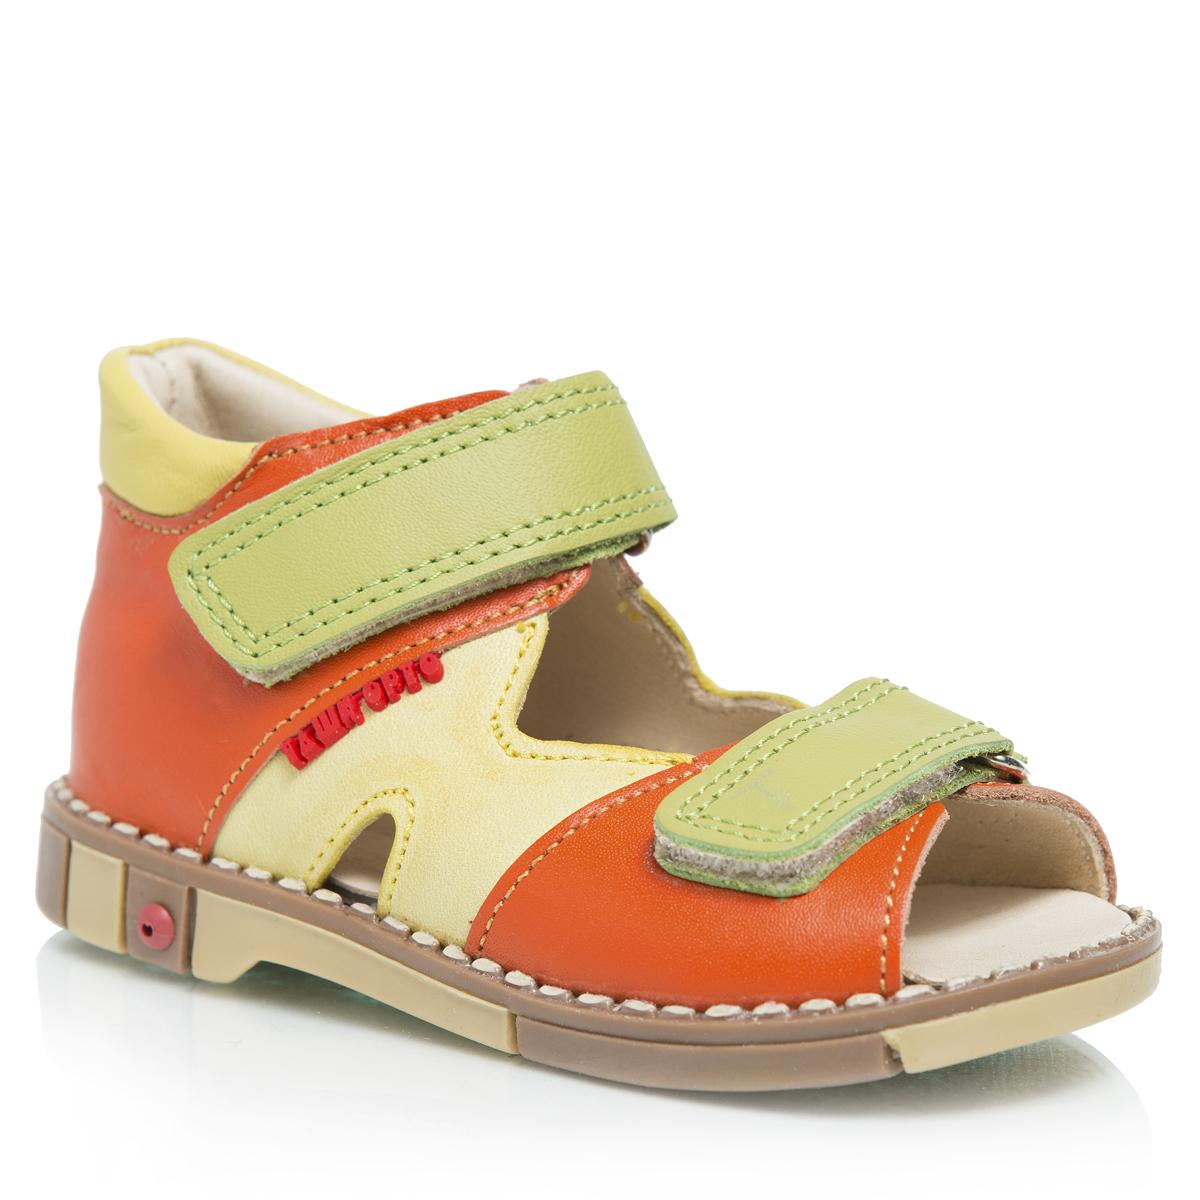 Сандалии детские. 260260-02Стильные детские сандалии Таши Орто заинтересуют вашего ребенка с первого взгляда. Модель выполнена из натуральной кожи контрастных цветов. Ремешки на застежке-липучке помогают оптимально подогнать полноту обуви по ноге и гарантируют надежную фиксацию. Благодаря такой застежке, ребенок может самостоятельно надевать обувь. Сбоку сандалии декорированы символикой бренда. Литая анатомическая стелька из натуральной кожи со сводоподдерживающим элементом и латексным покрытием, не продавливающаяся во время носки, обеспечивает правильное формирование стопы. Благодаря использованию современных внутренних материалов, позволяет оптимально распределить нагрузку по всей площади стопы, дает ножке ощущение мягкости и комфорта. Полужесткий задник фиксирует ножку ребенка, не давая ей смещаться из стороны в сторону и назад. Мягкая верхняя часть, которая плотно прилегает к ножке, и подкладка, изготовленная из натуральной кожи, позволяют избежать натирания. Широкий, устойчивый каблук, специальной...